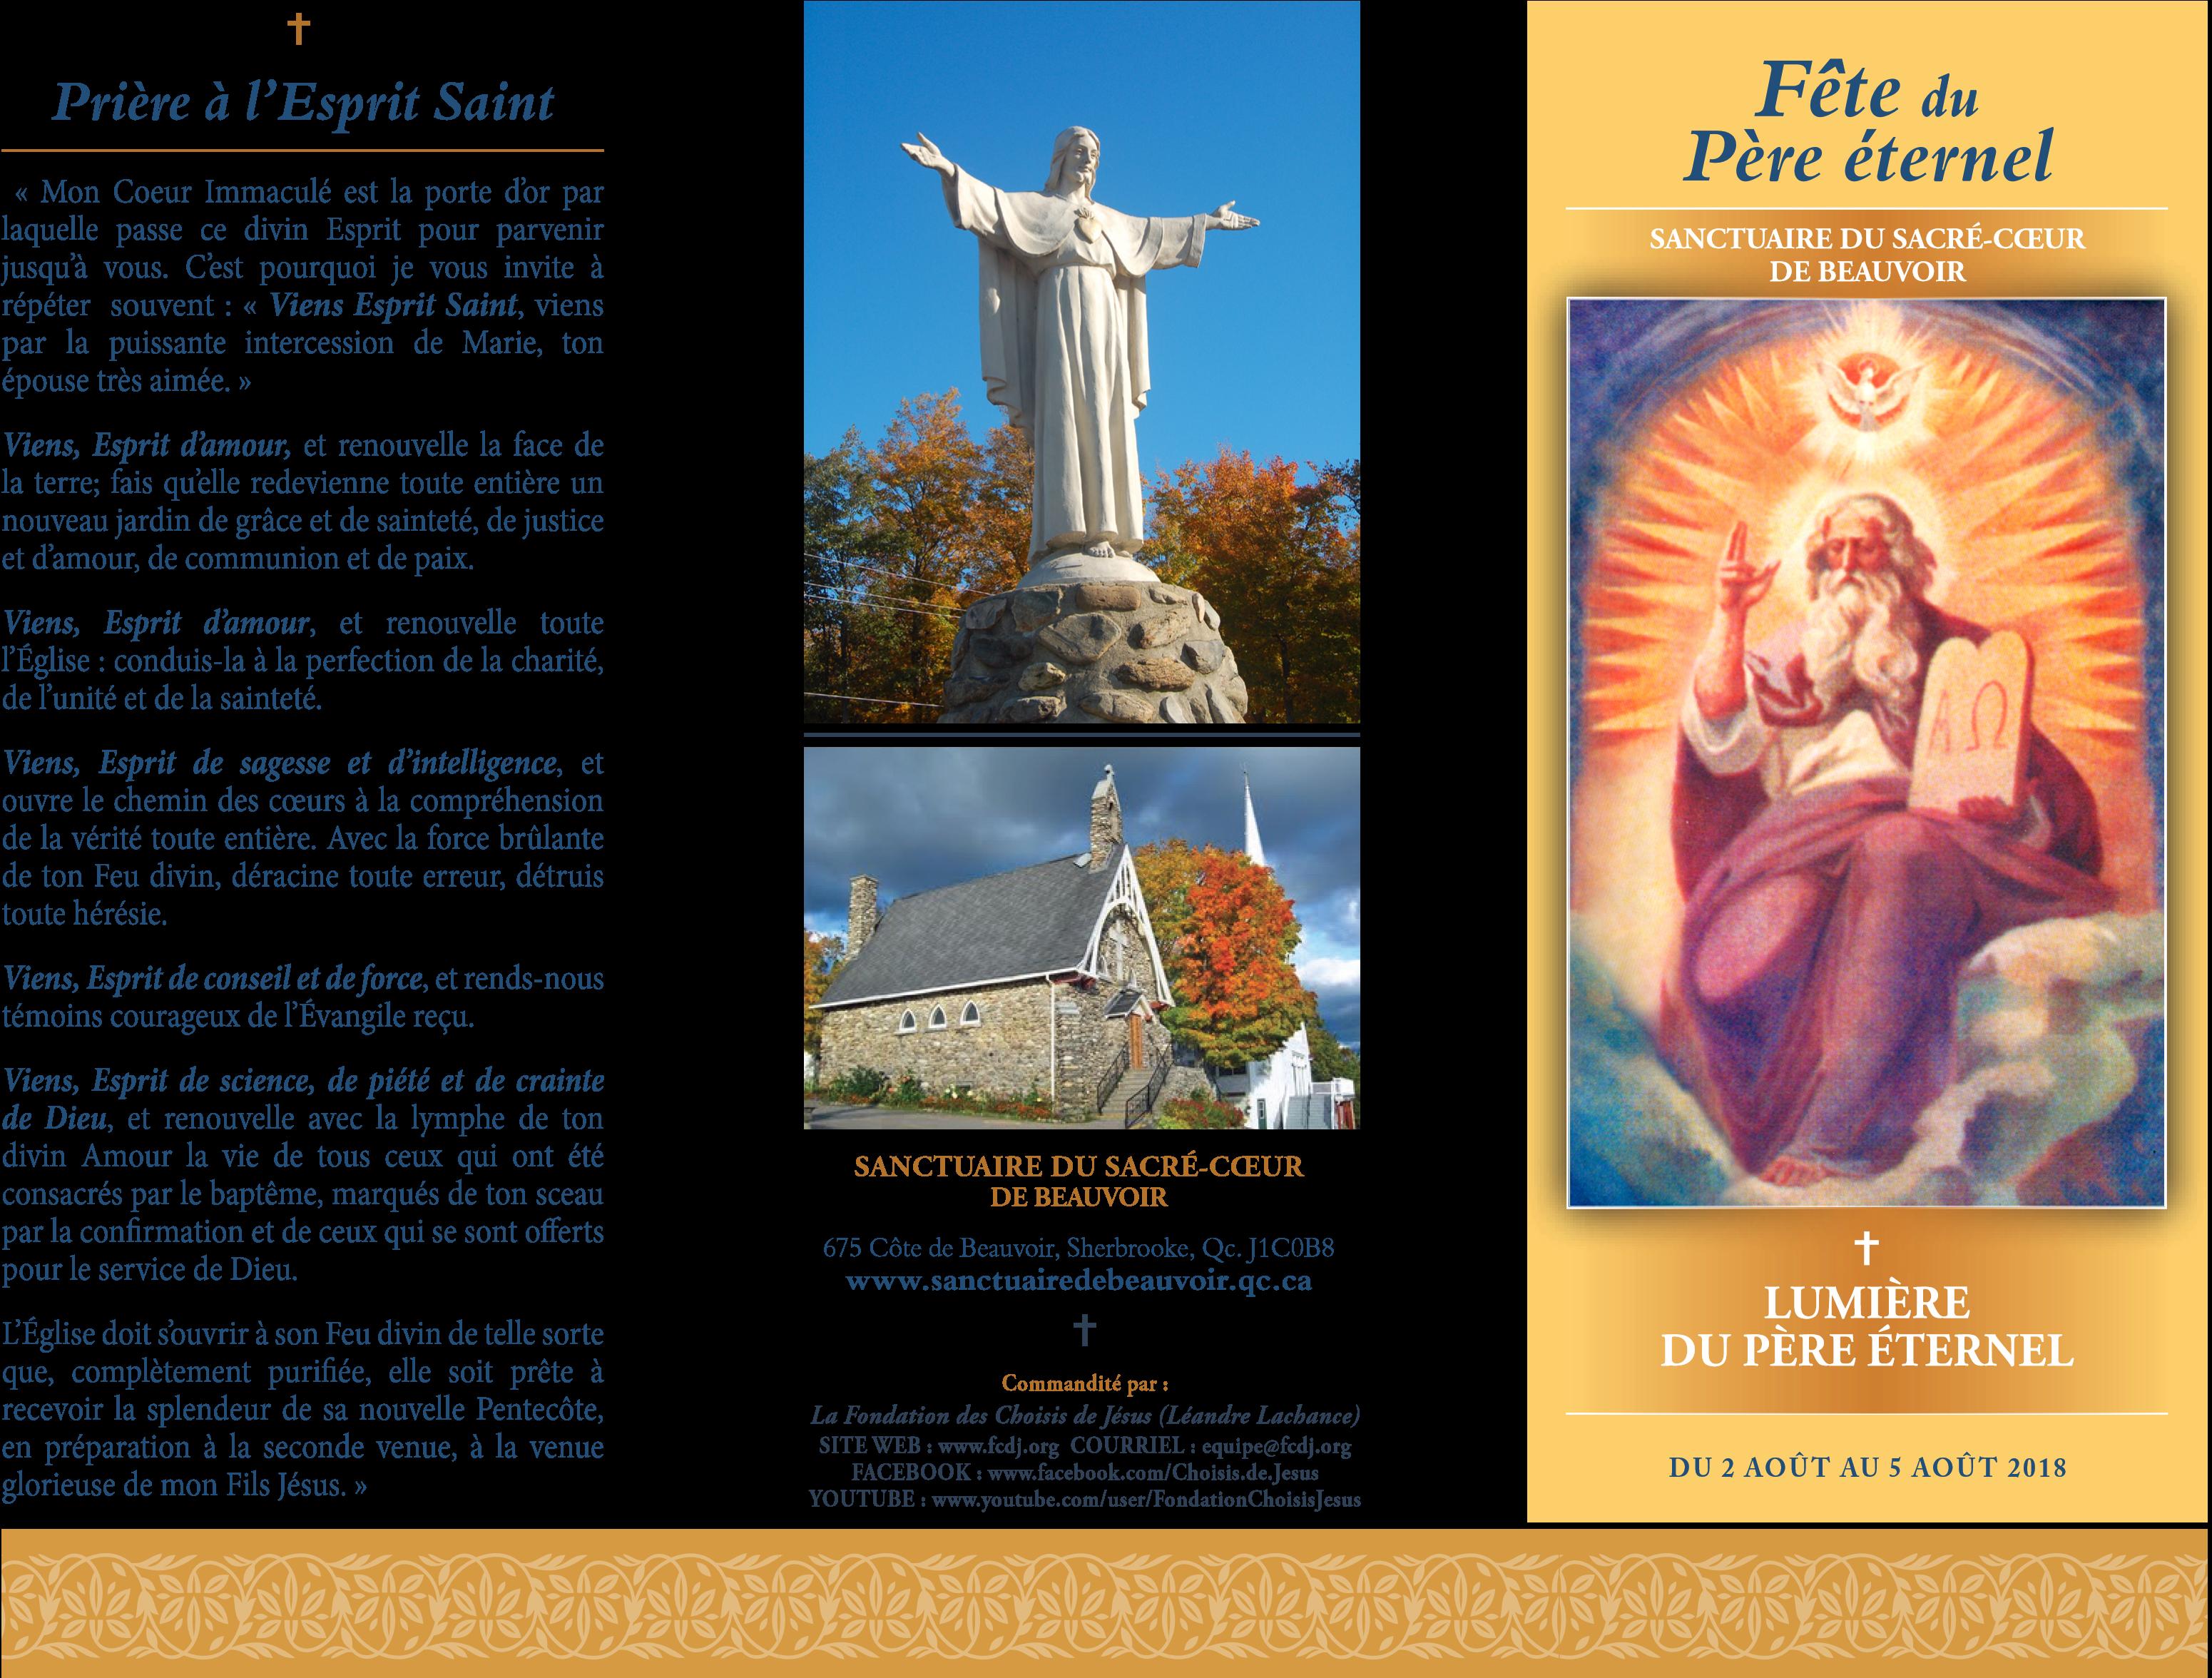 Pour La Fête Du Père éternel Invitation Au Sanctuaire Du Sacré